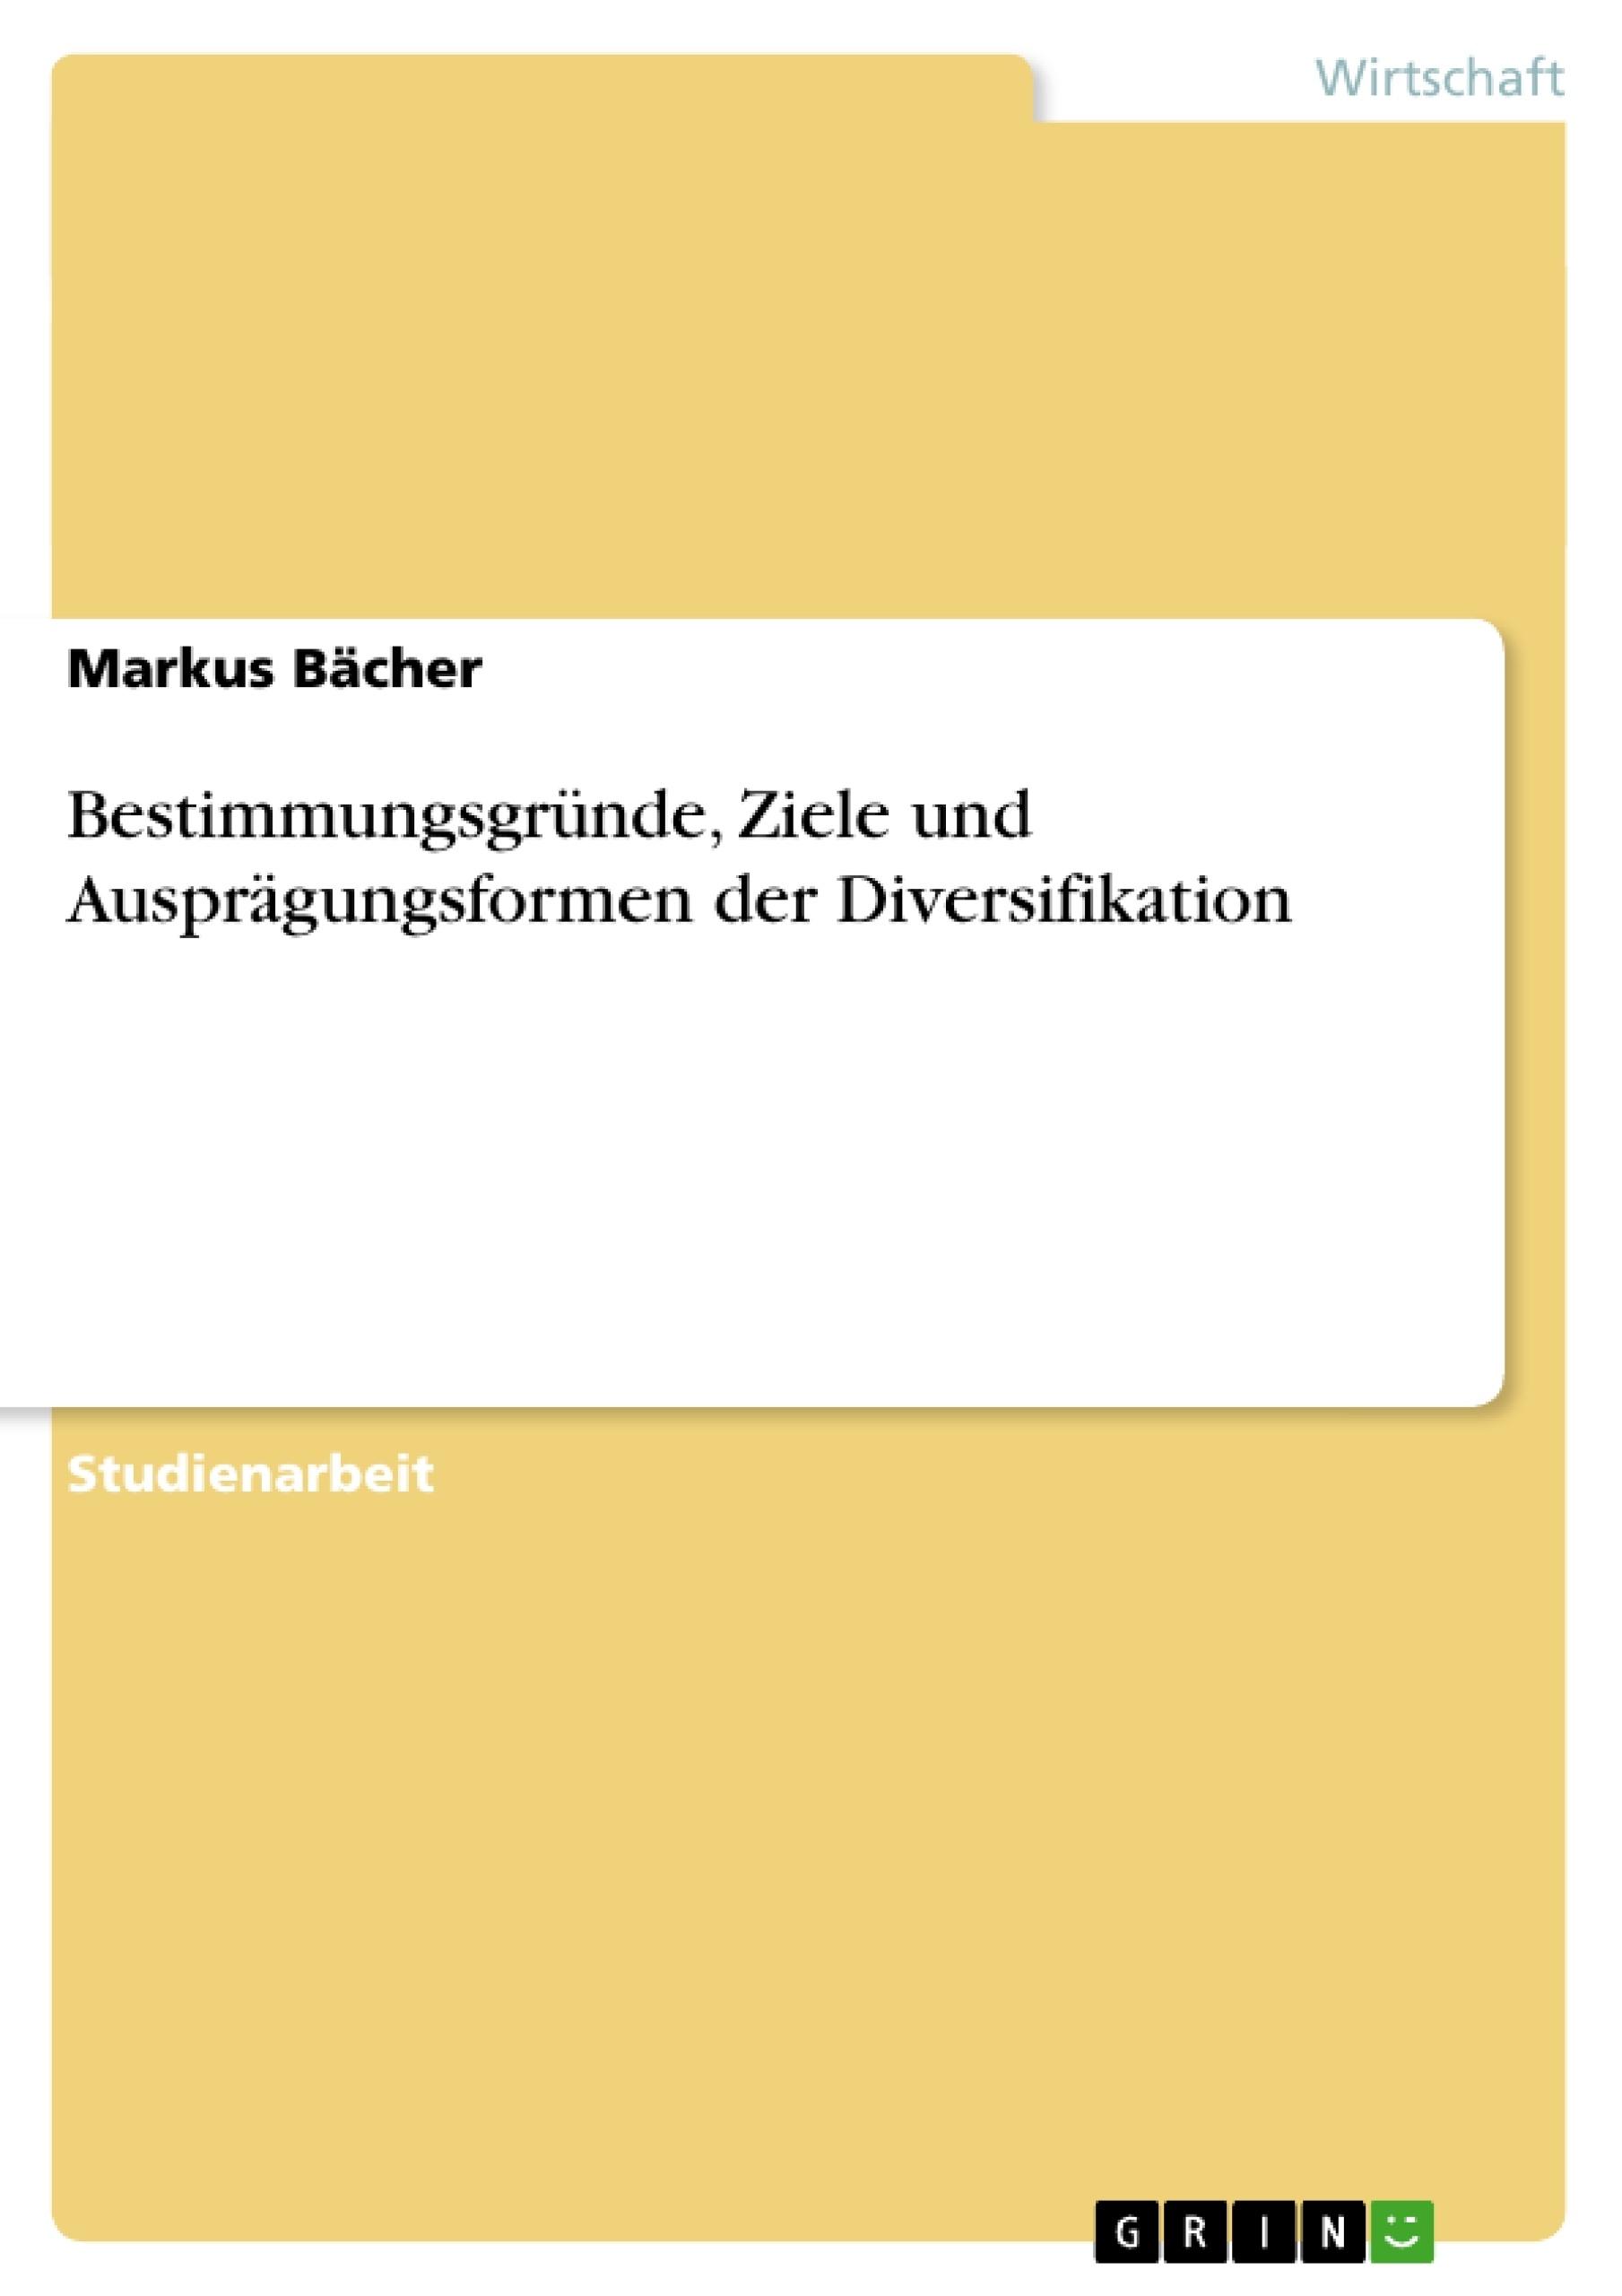 Titel: Bestimmungsgründe, Ziele und Ausprägungsformen der Diversifikation